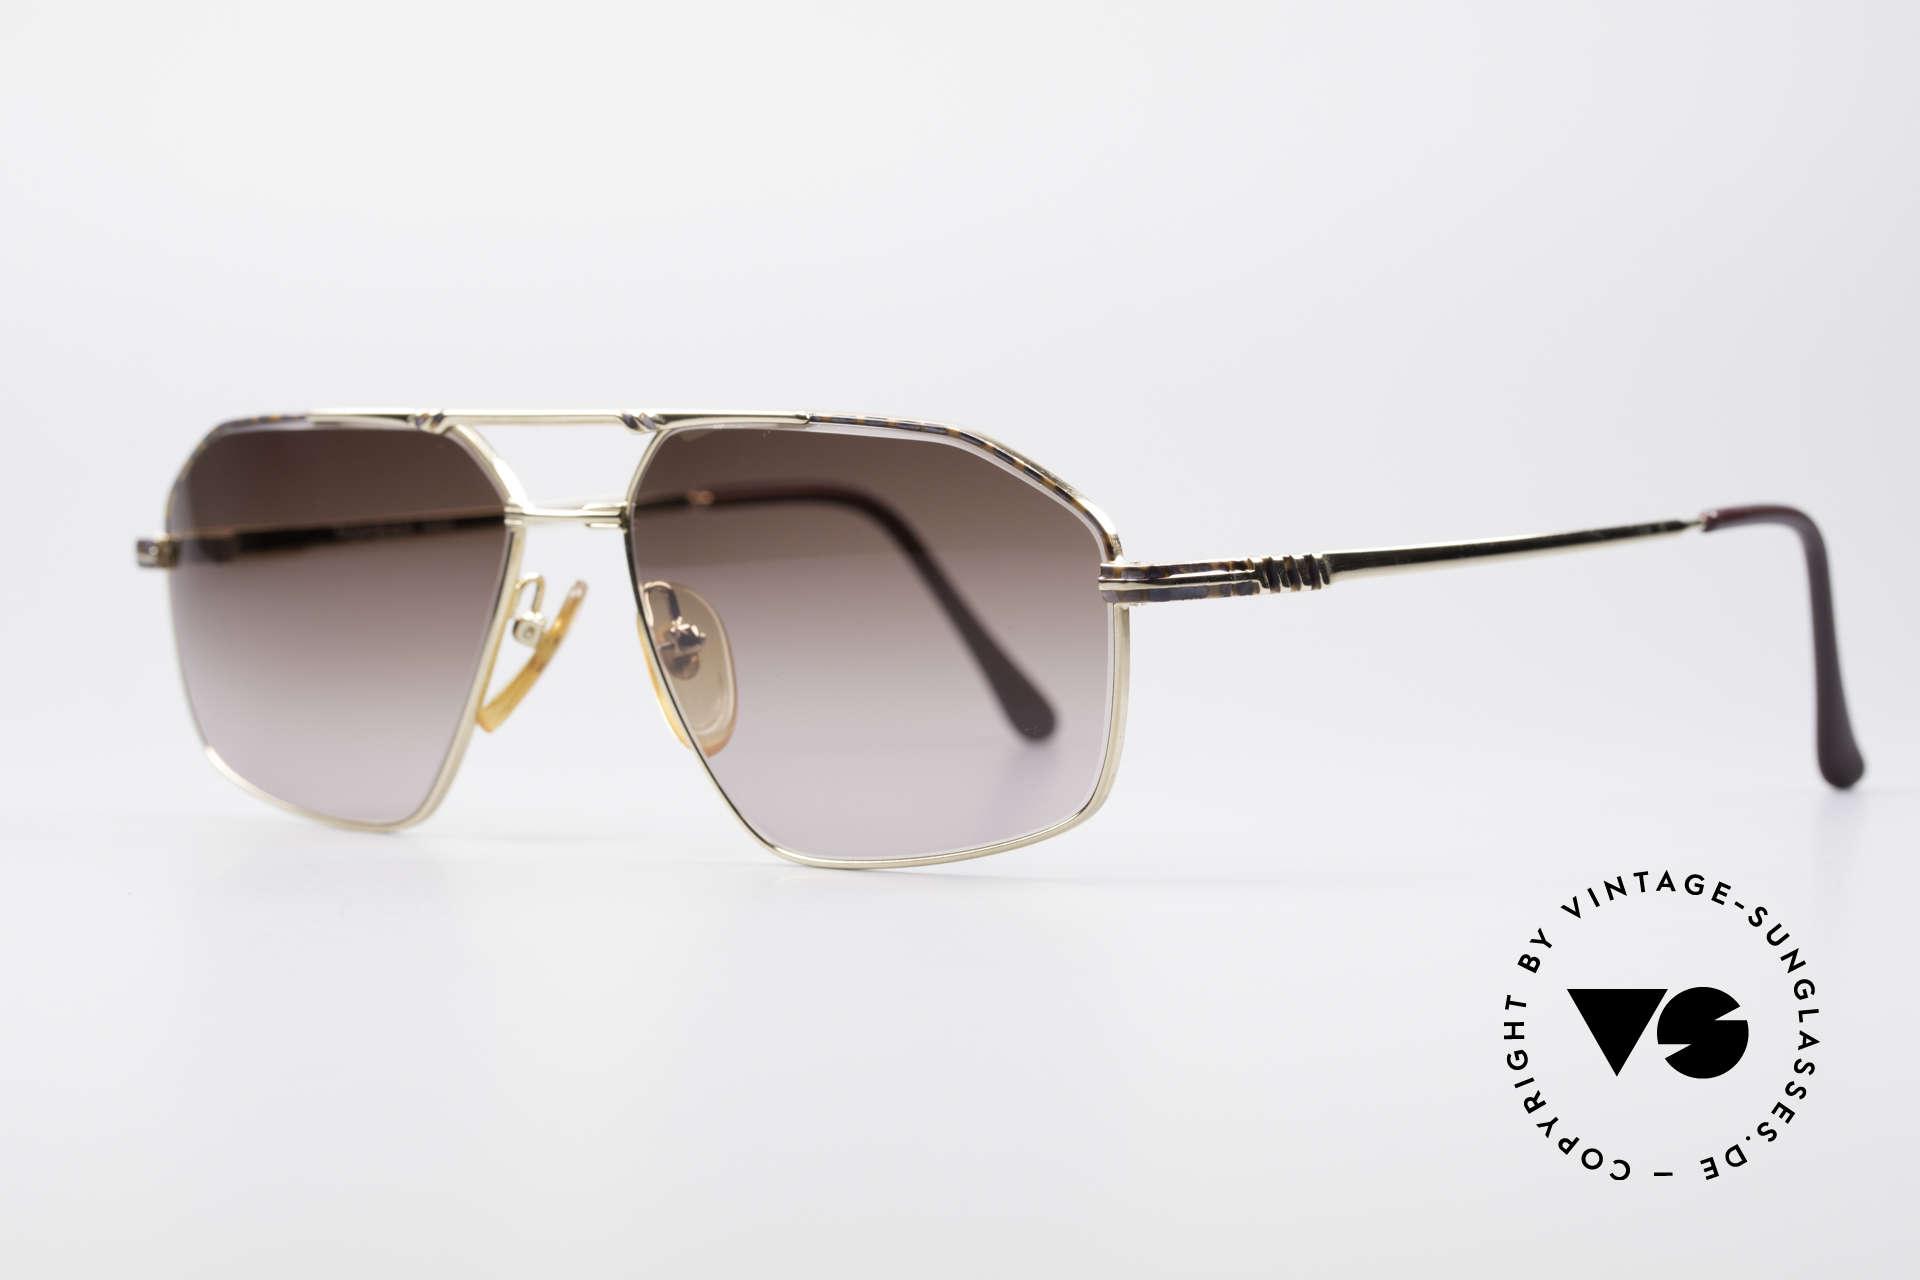 Yves Saint Laurent Aeson Vintage Sonnenbrille, Aeson: Sohn von Tyro & Kretheus, griech. Mythologie, Passend für Herren